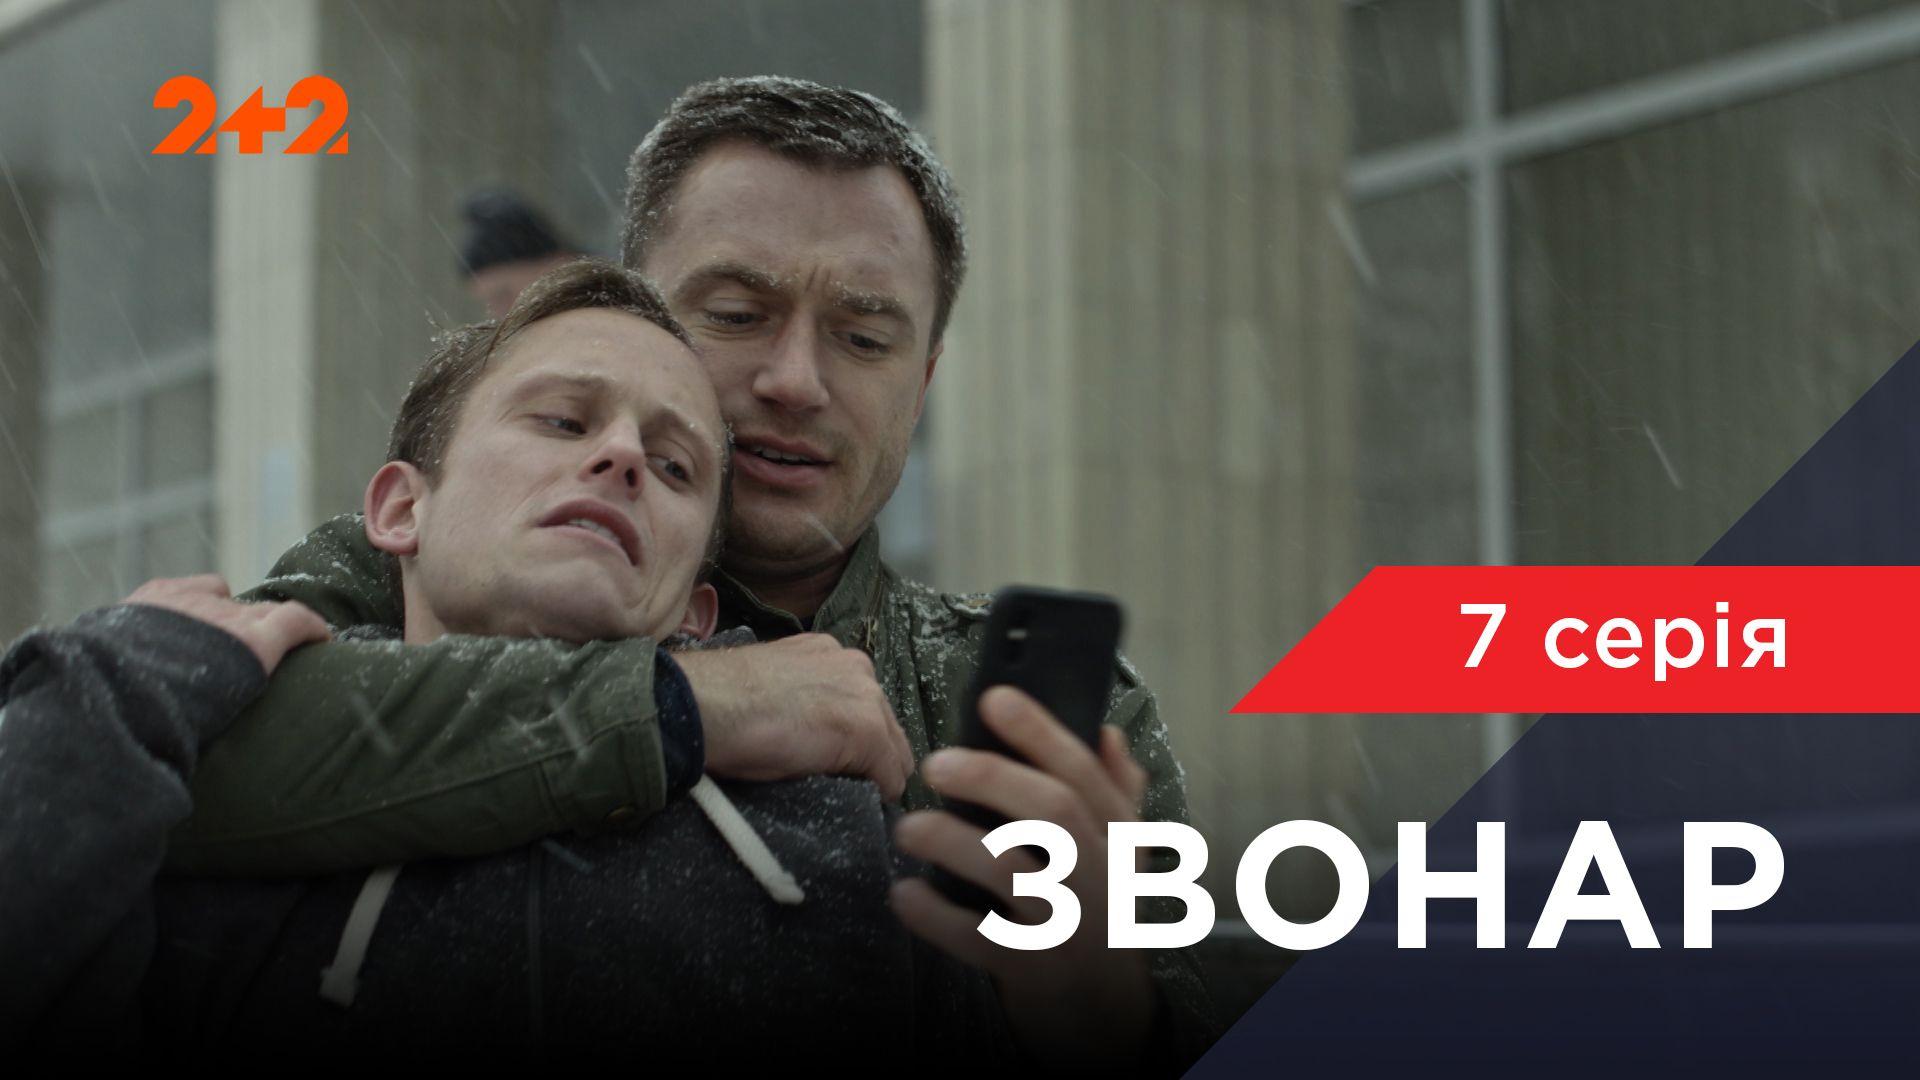 интерны смотреть онлайн ютуб все серии украина Tonkino Domru